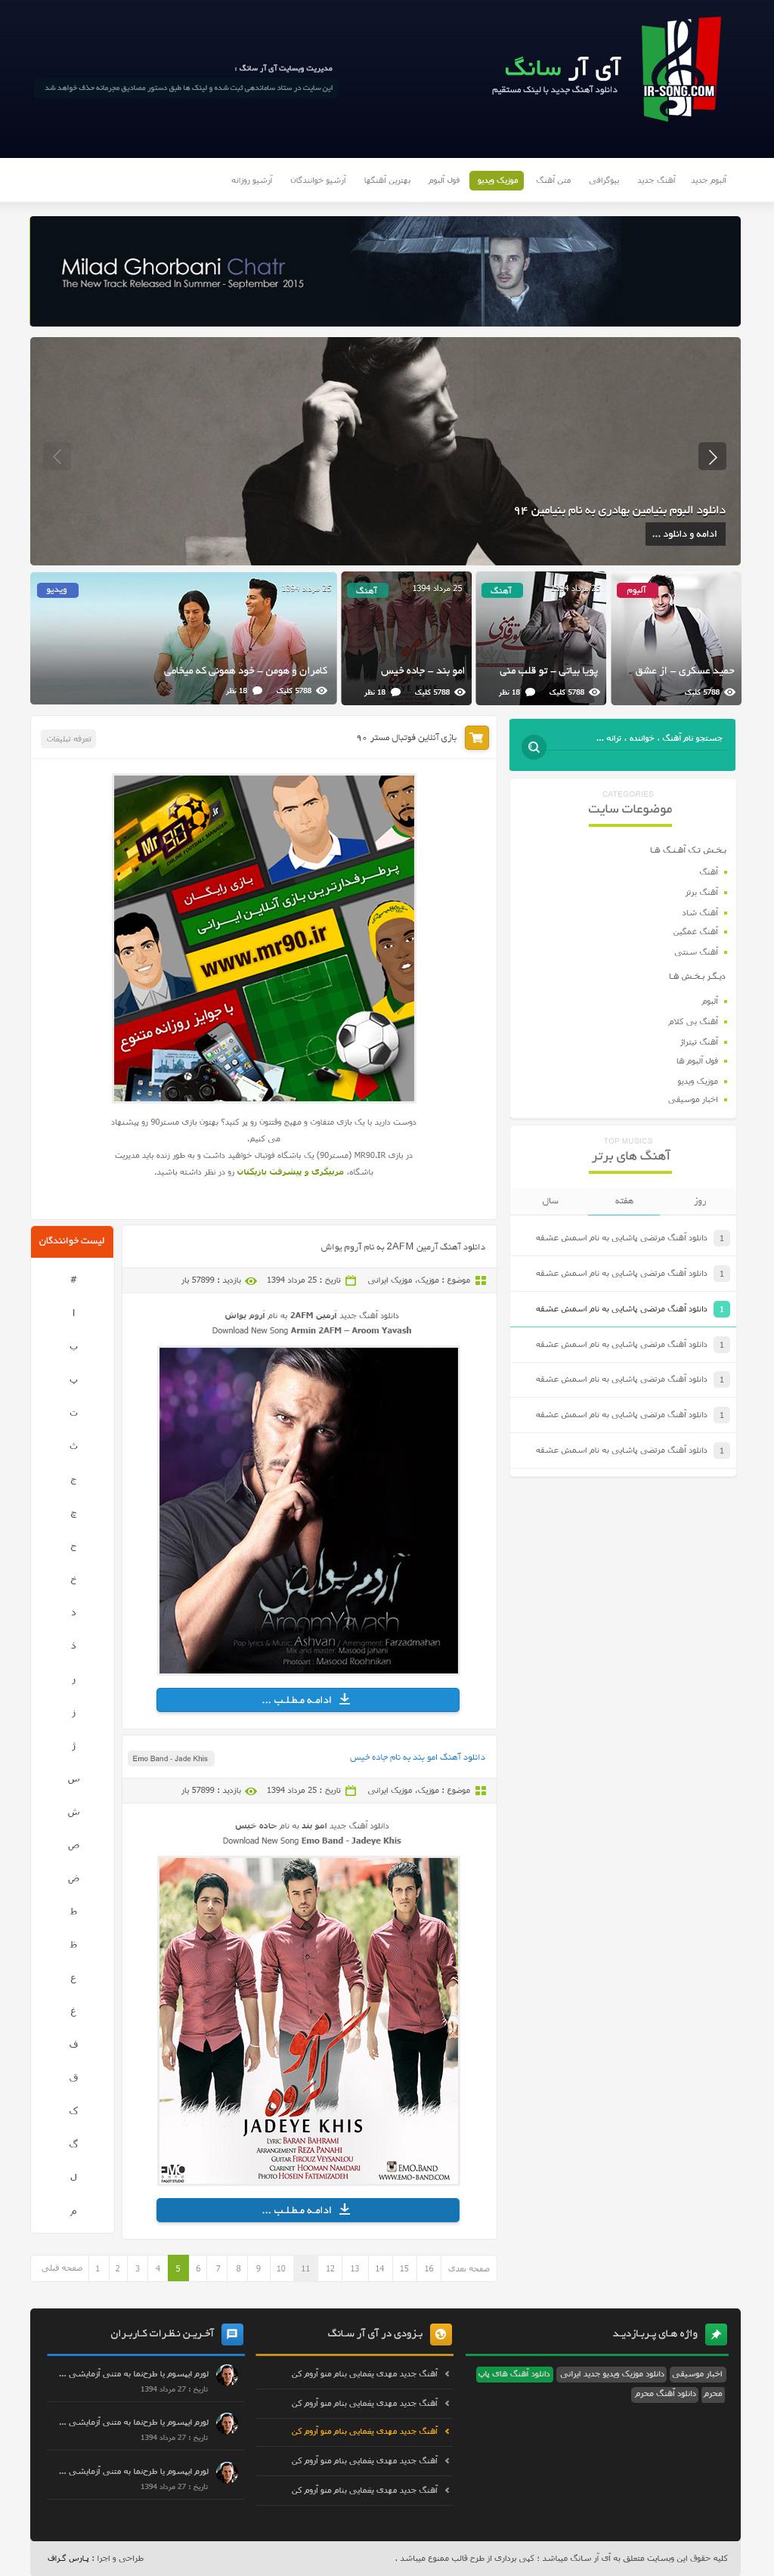 قالب جدید ای ار سانگ برای سیستم وبلاگدهی رزبلاگ...